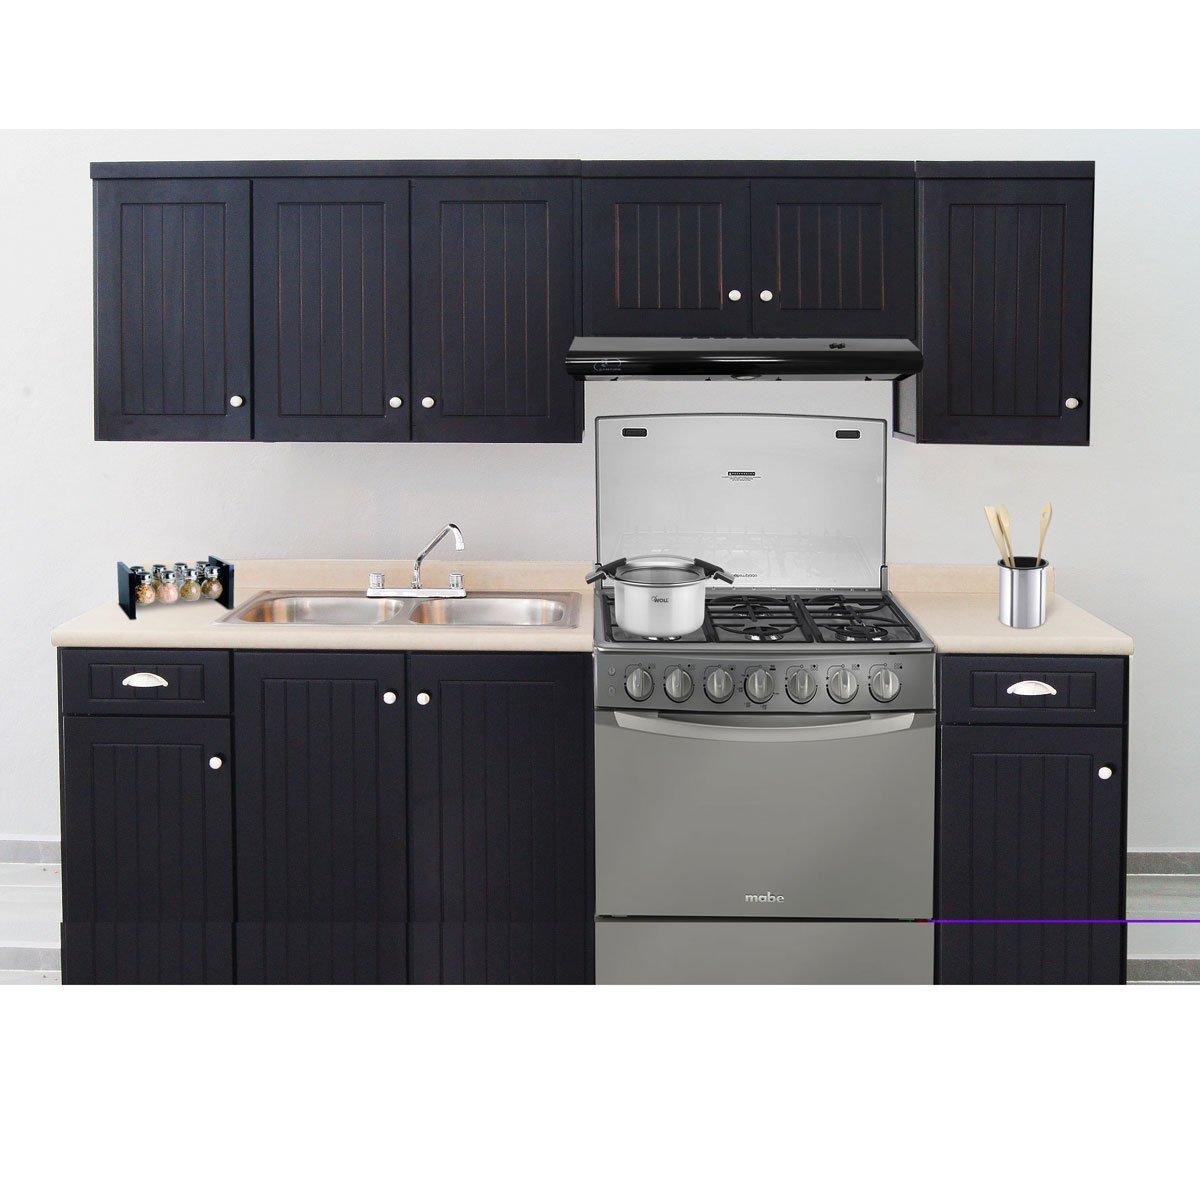 Cocina 3 metros lineales amazing cocinas lineales with for Cocina 3 metros lineales